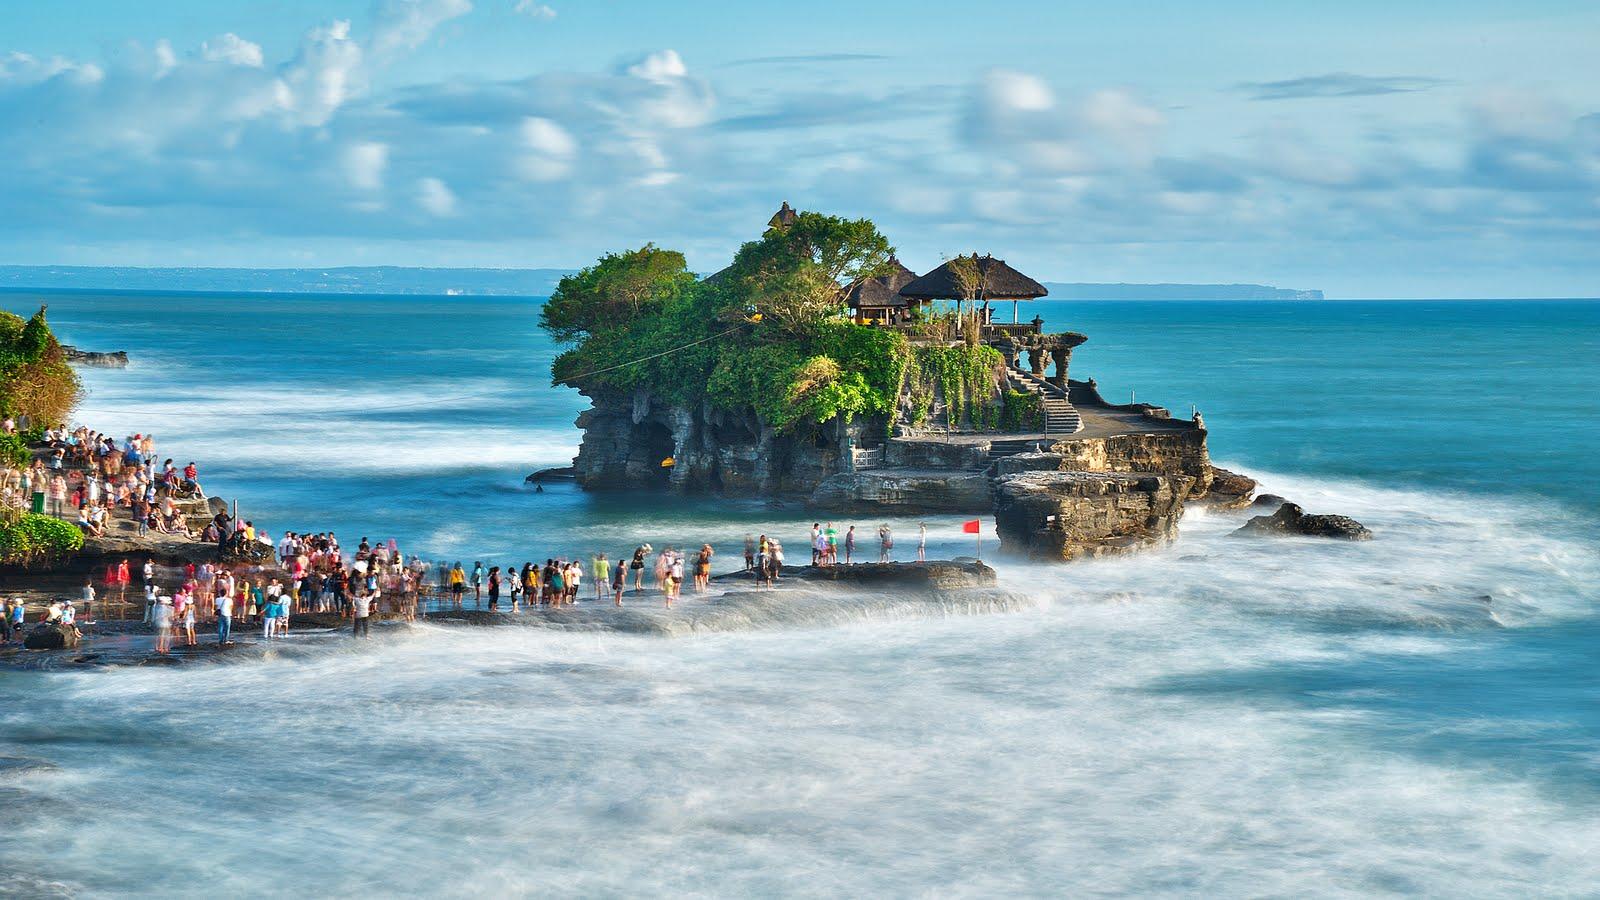 Cinque motivi per visitare Bali in inverno